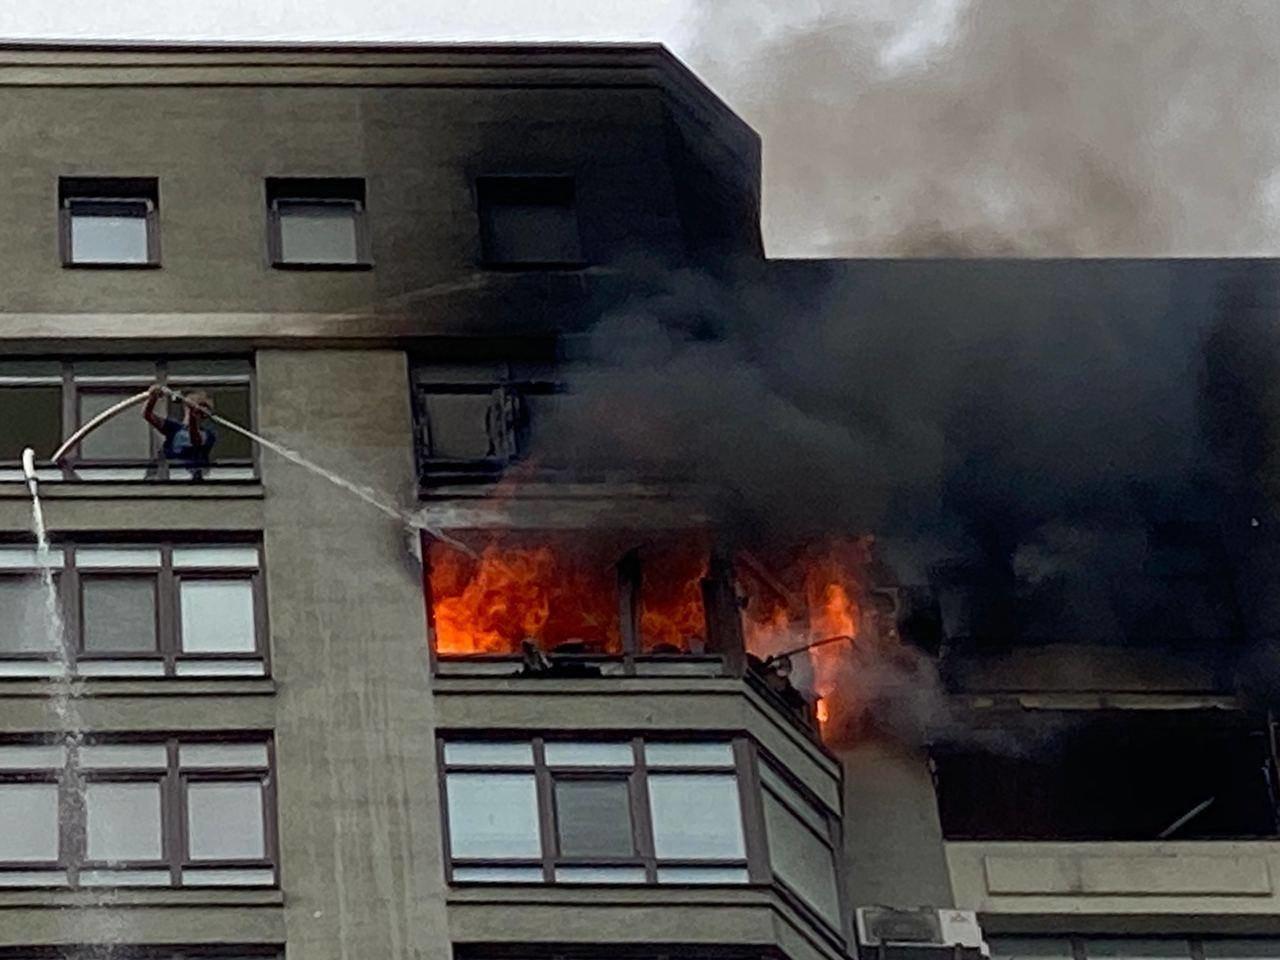 В Киеве во время пожара в многоэтажке заживо сгорел мужчина - ФОТО, фото-1